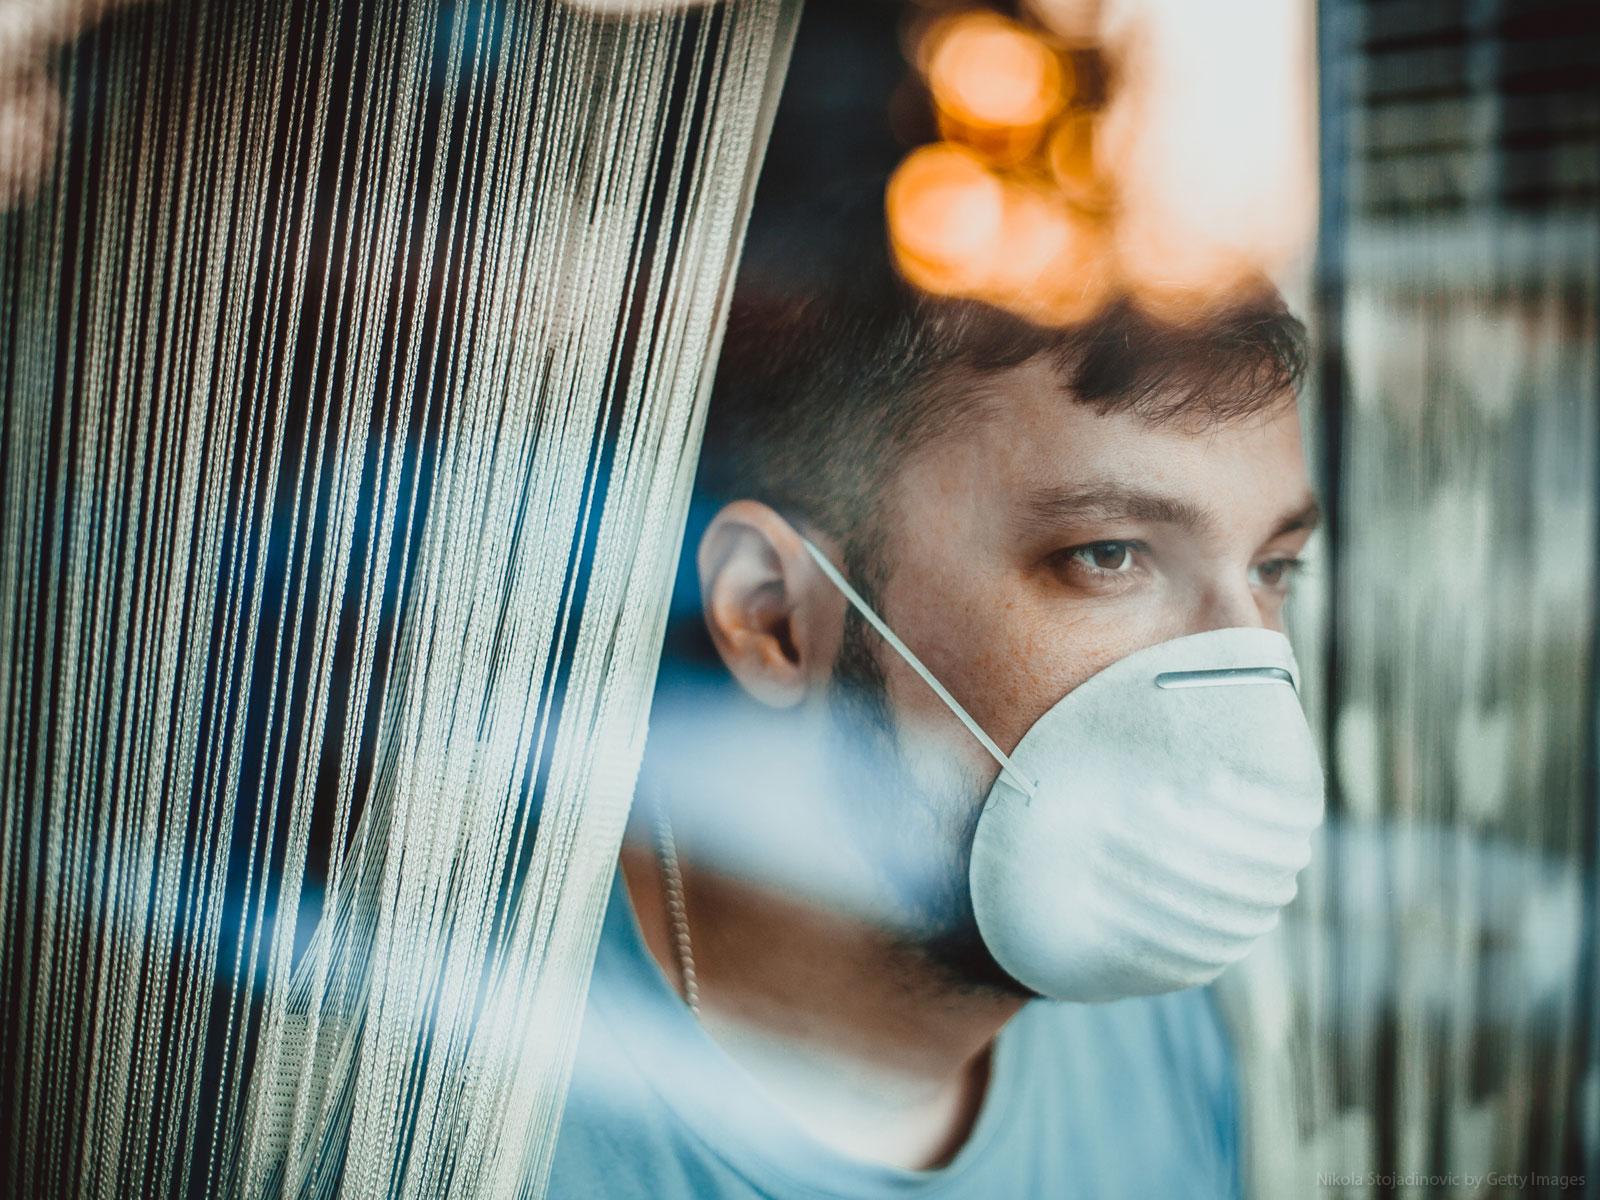 A pandemia trouxe inúmeras consequências para a saúde mental